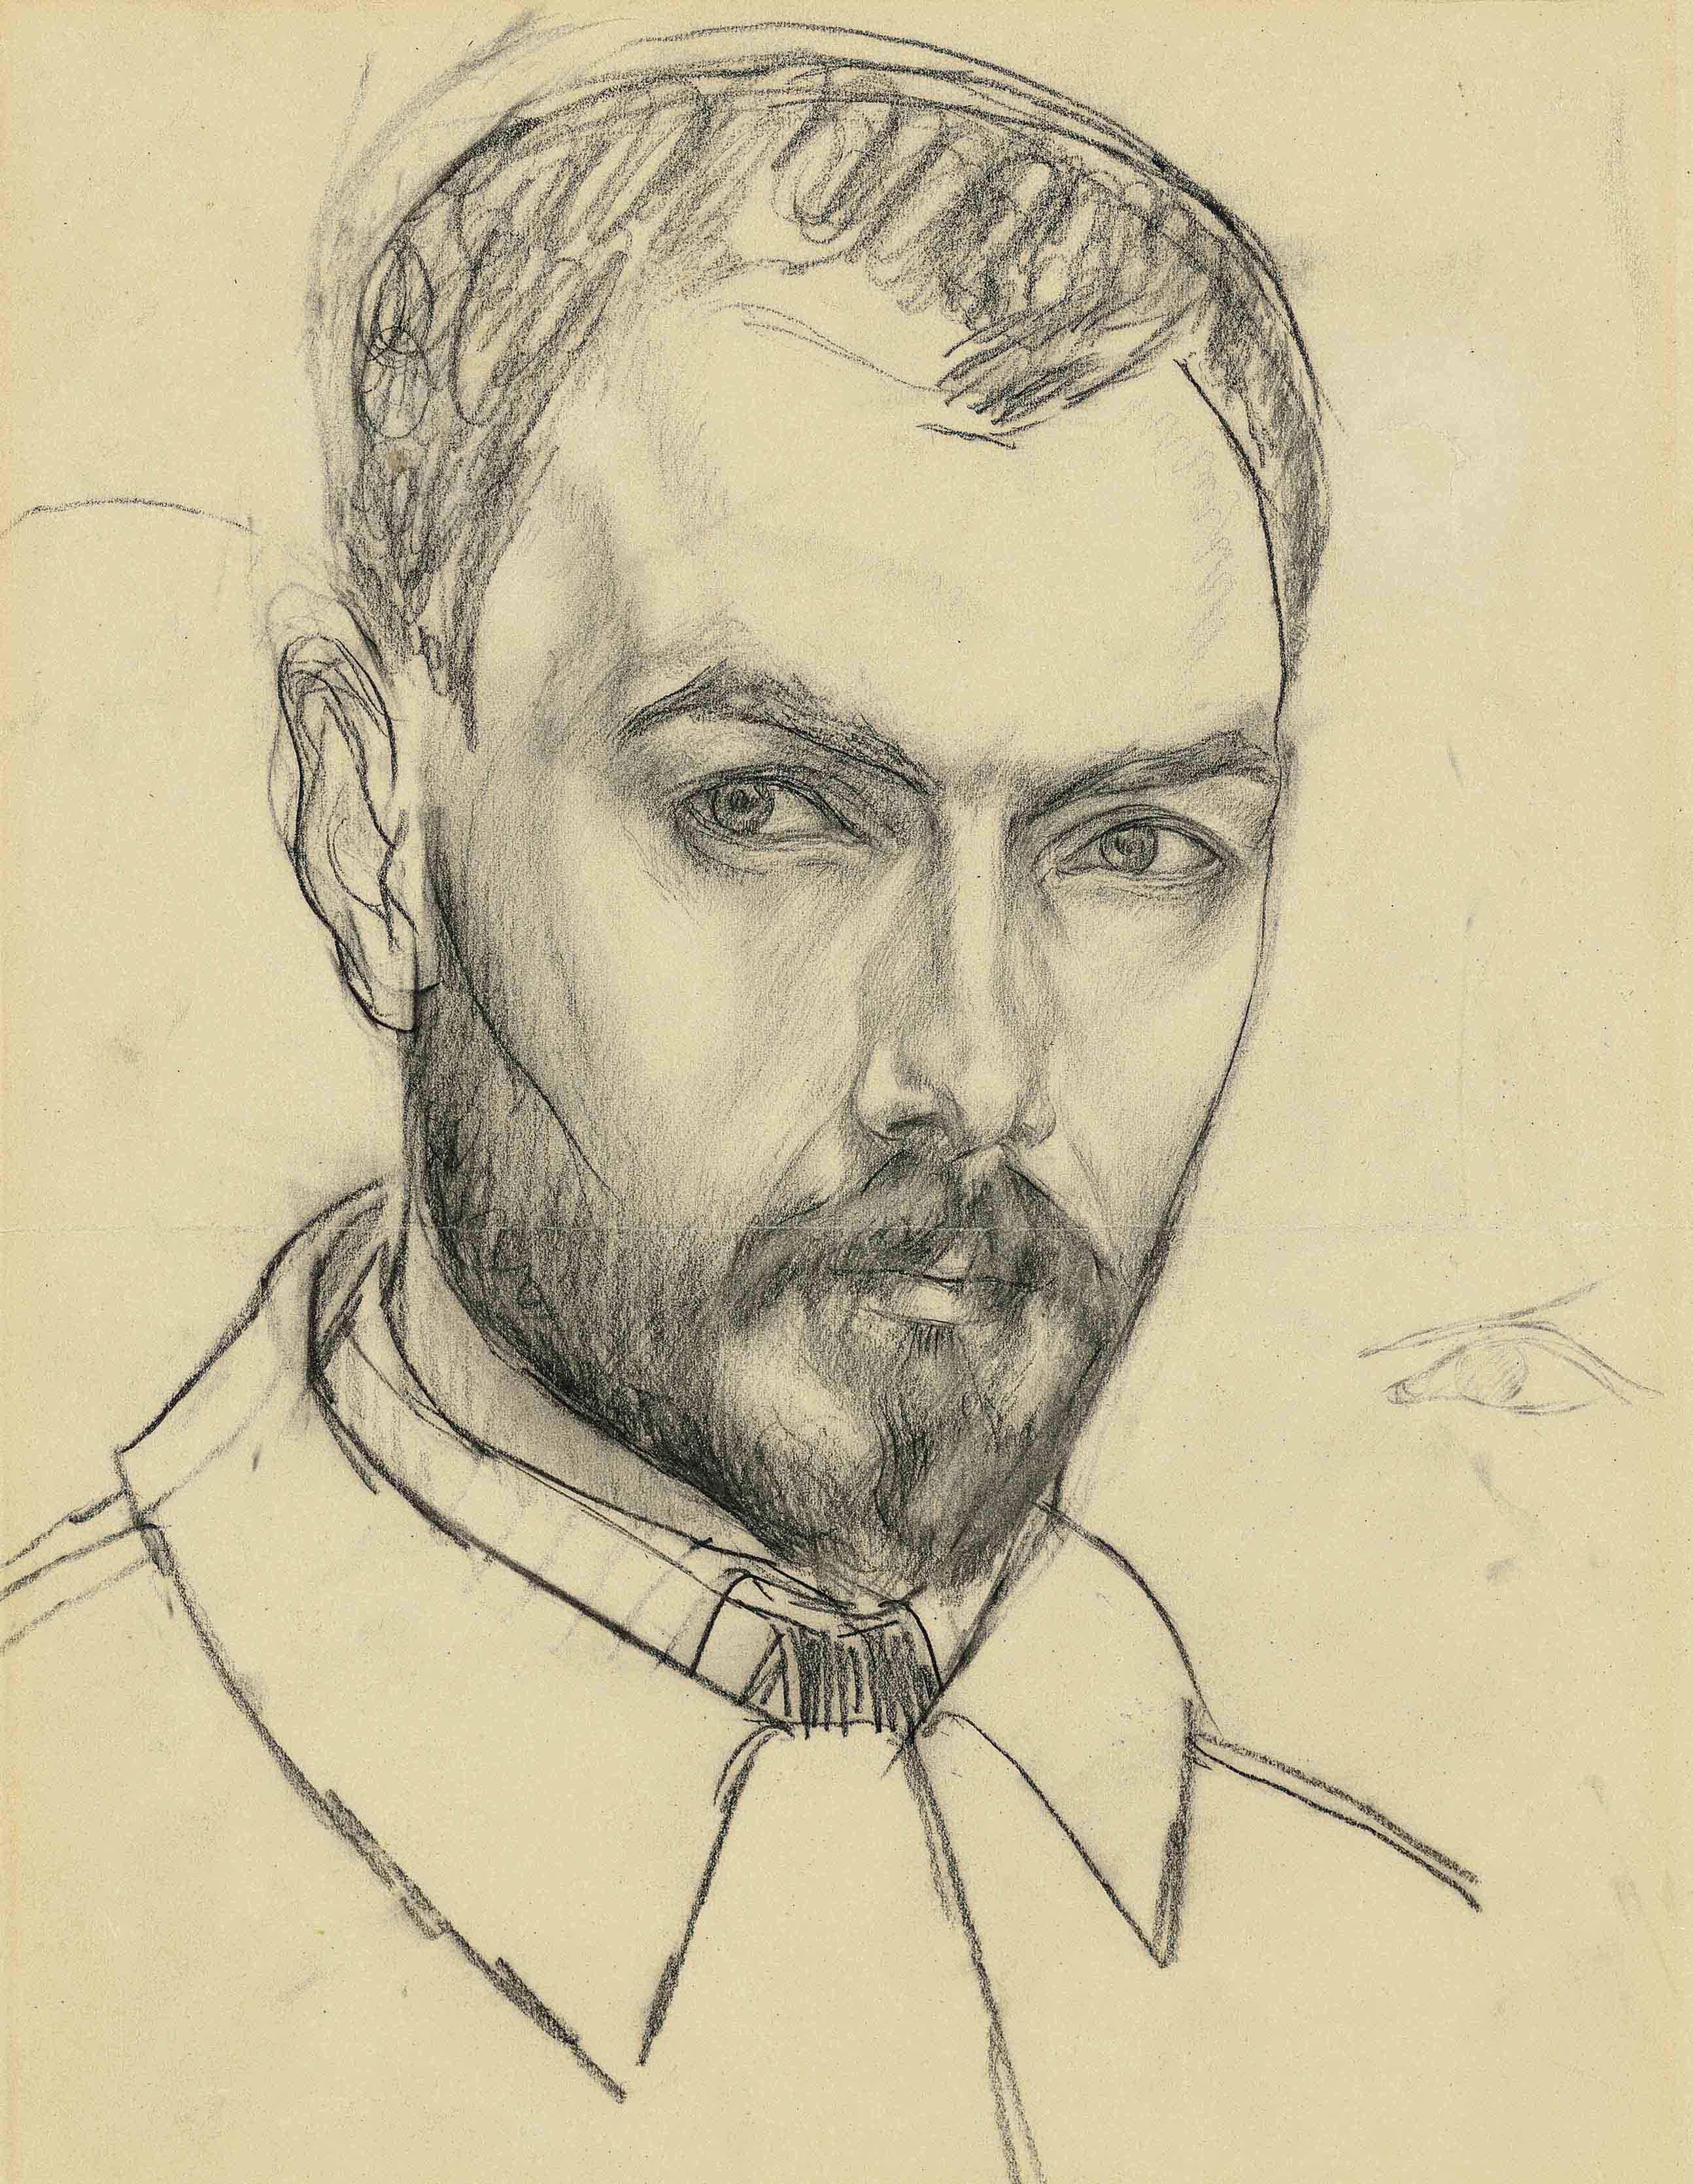 Kuzma Petrov-Vodkin (1878-1939)